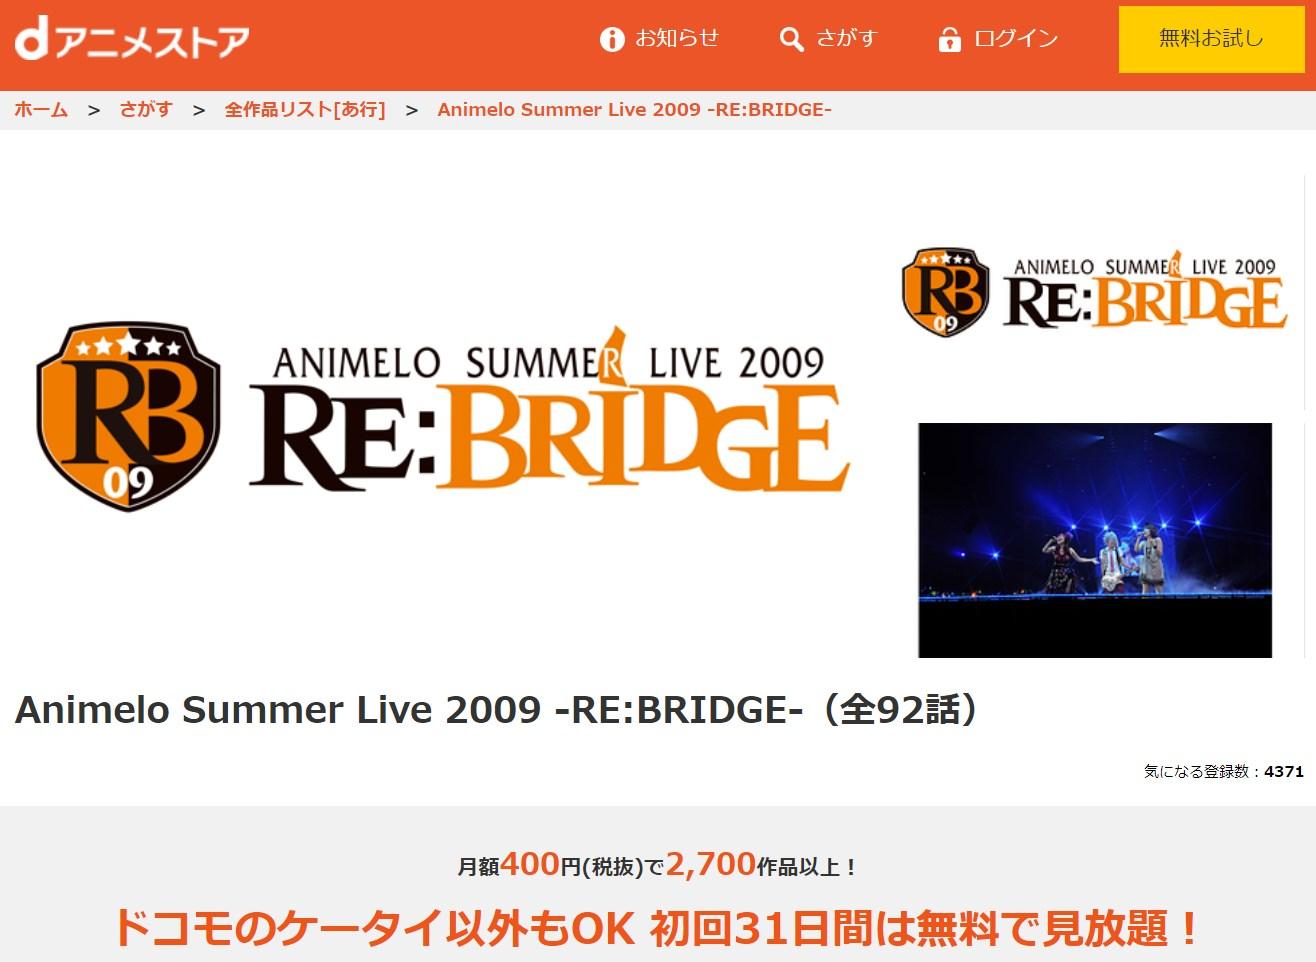 アニサマ2009の動画配信サービス